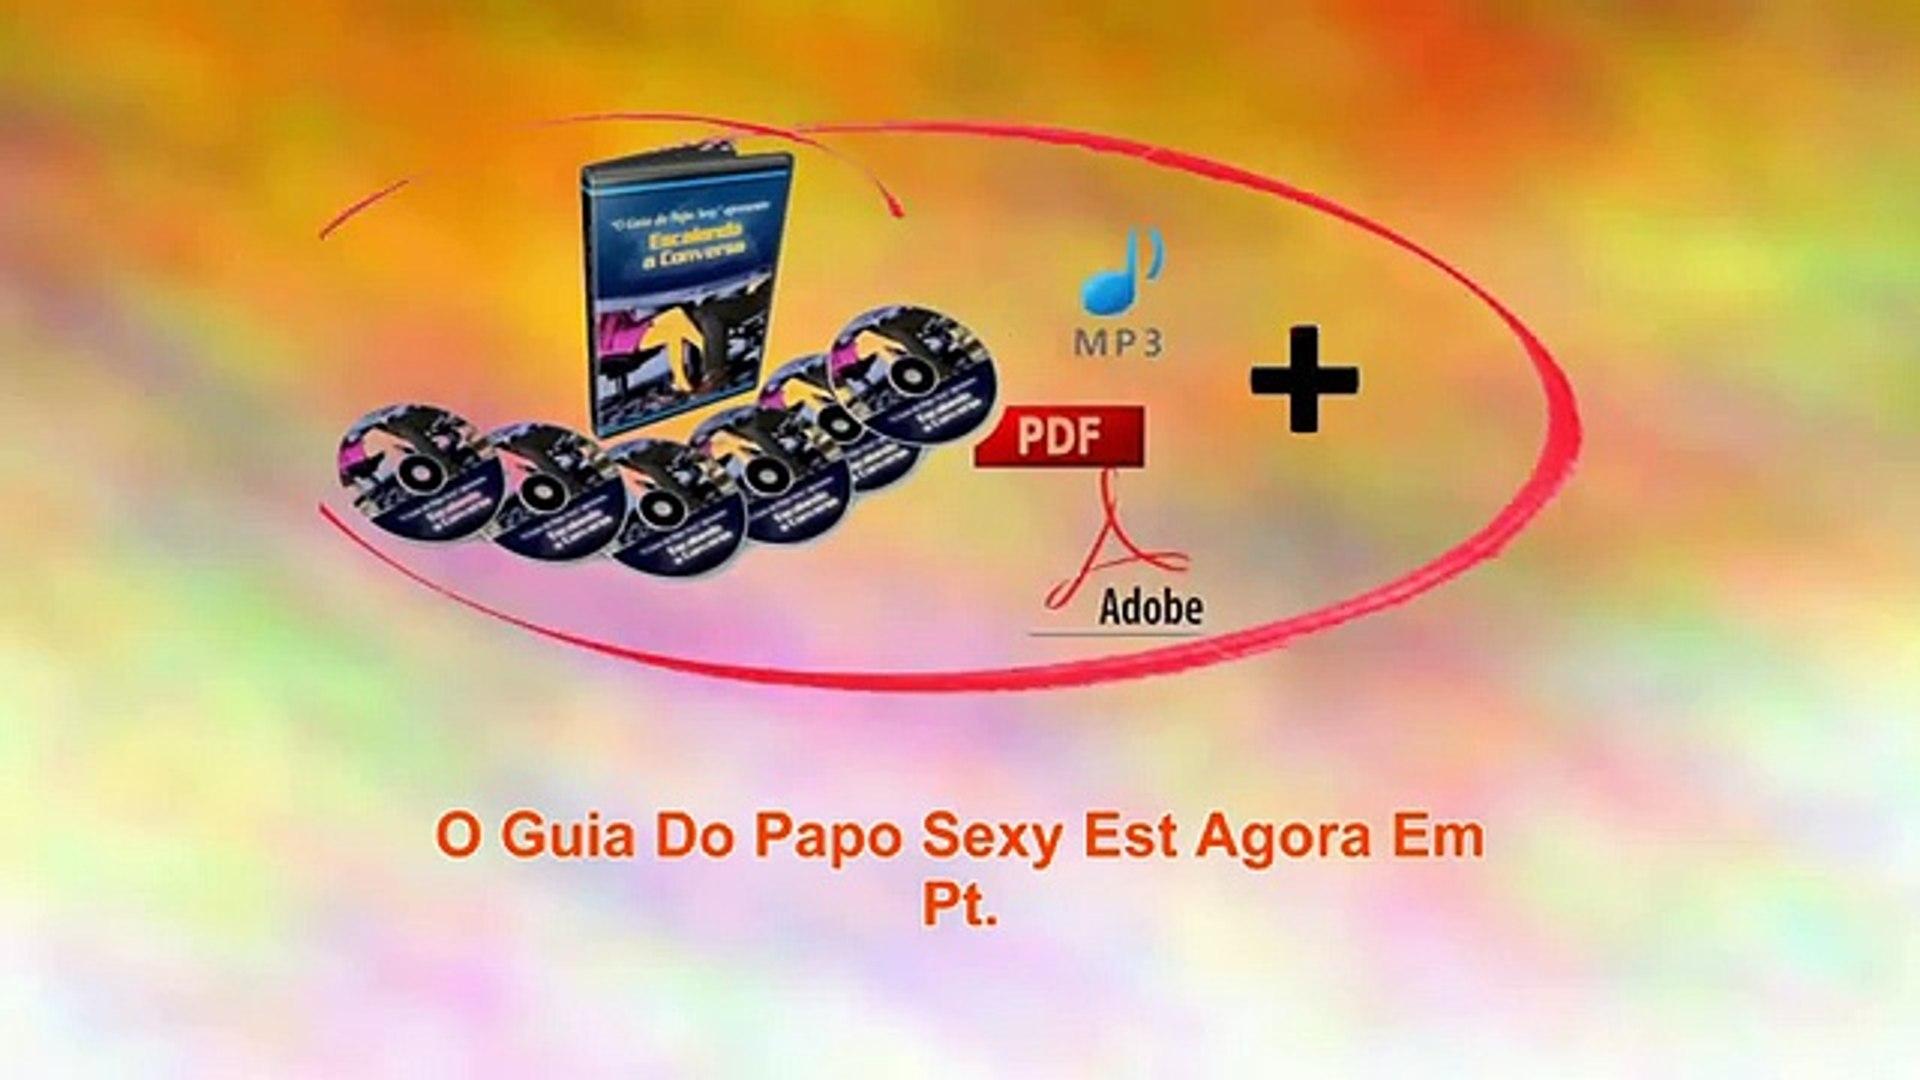 Guia Do Papo Sexy -- Portuguese Version Of Make Small Talk Sexy